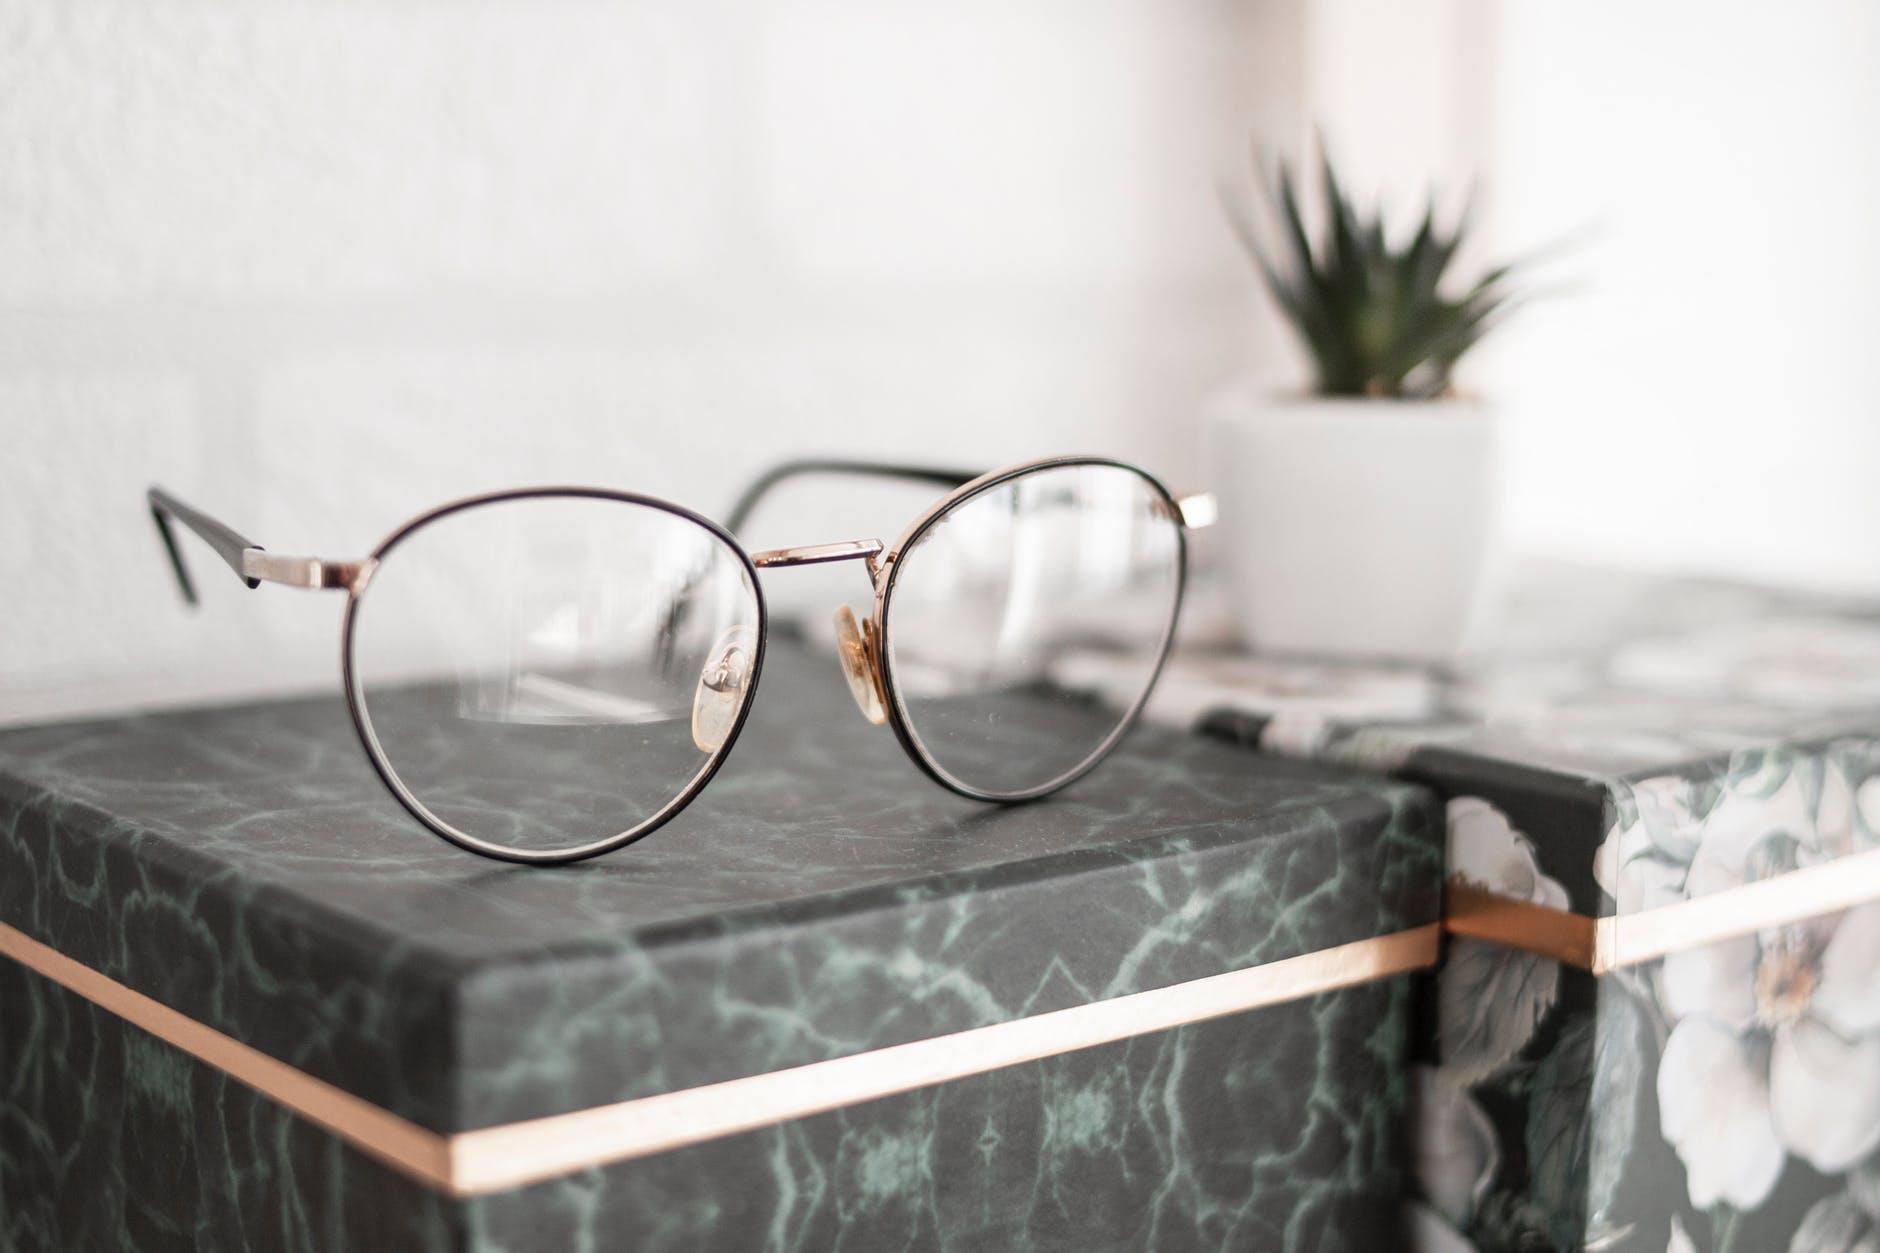 Conseils pour bien choisir ses lunettes sur internet